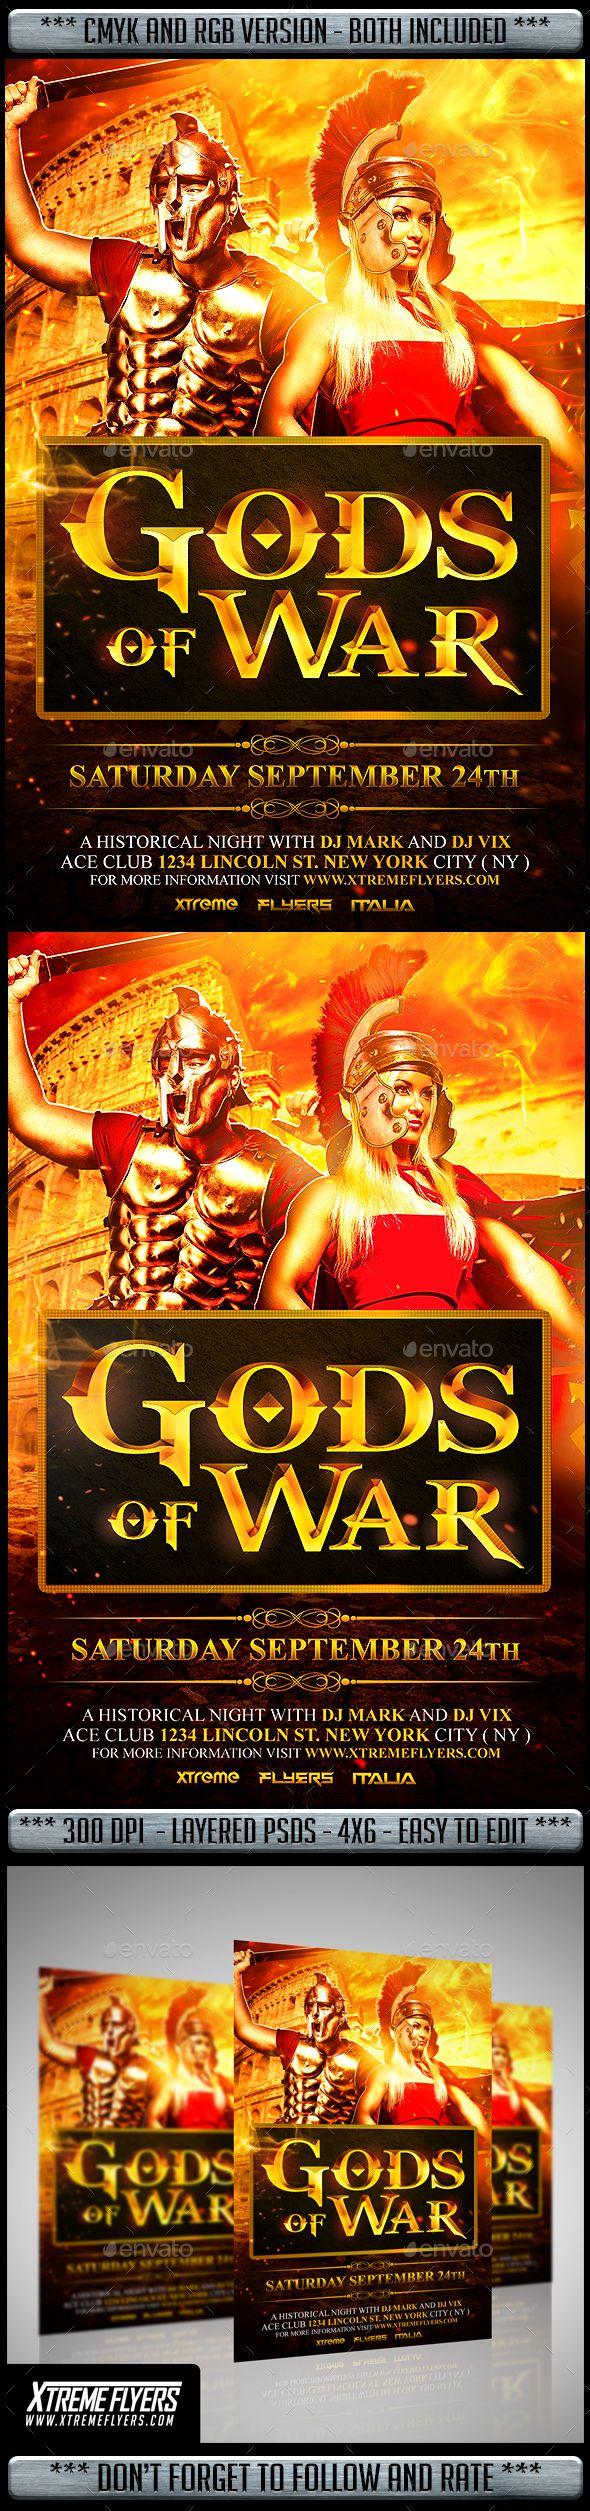 Gods Of War Flyer Template Flyer Template Flyer God Of War